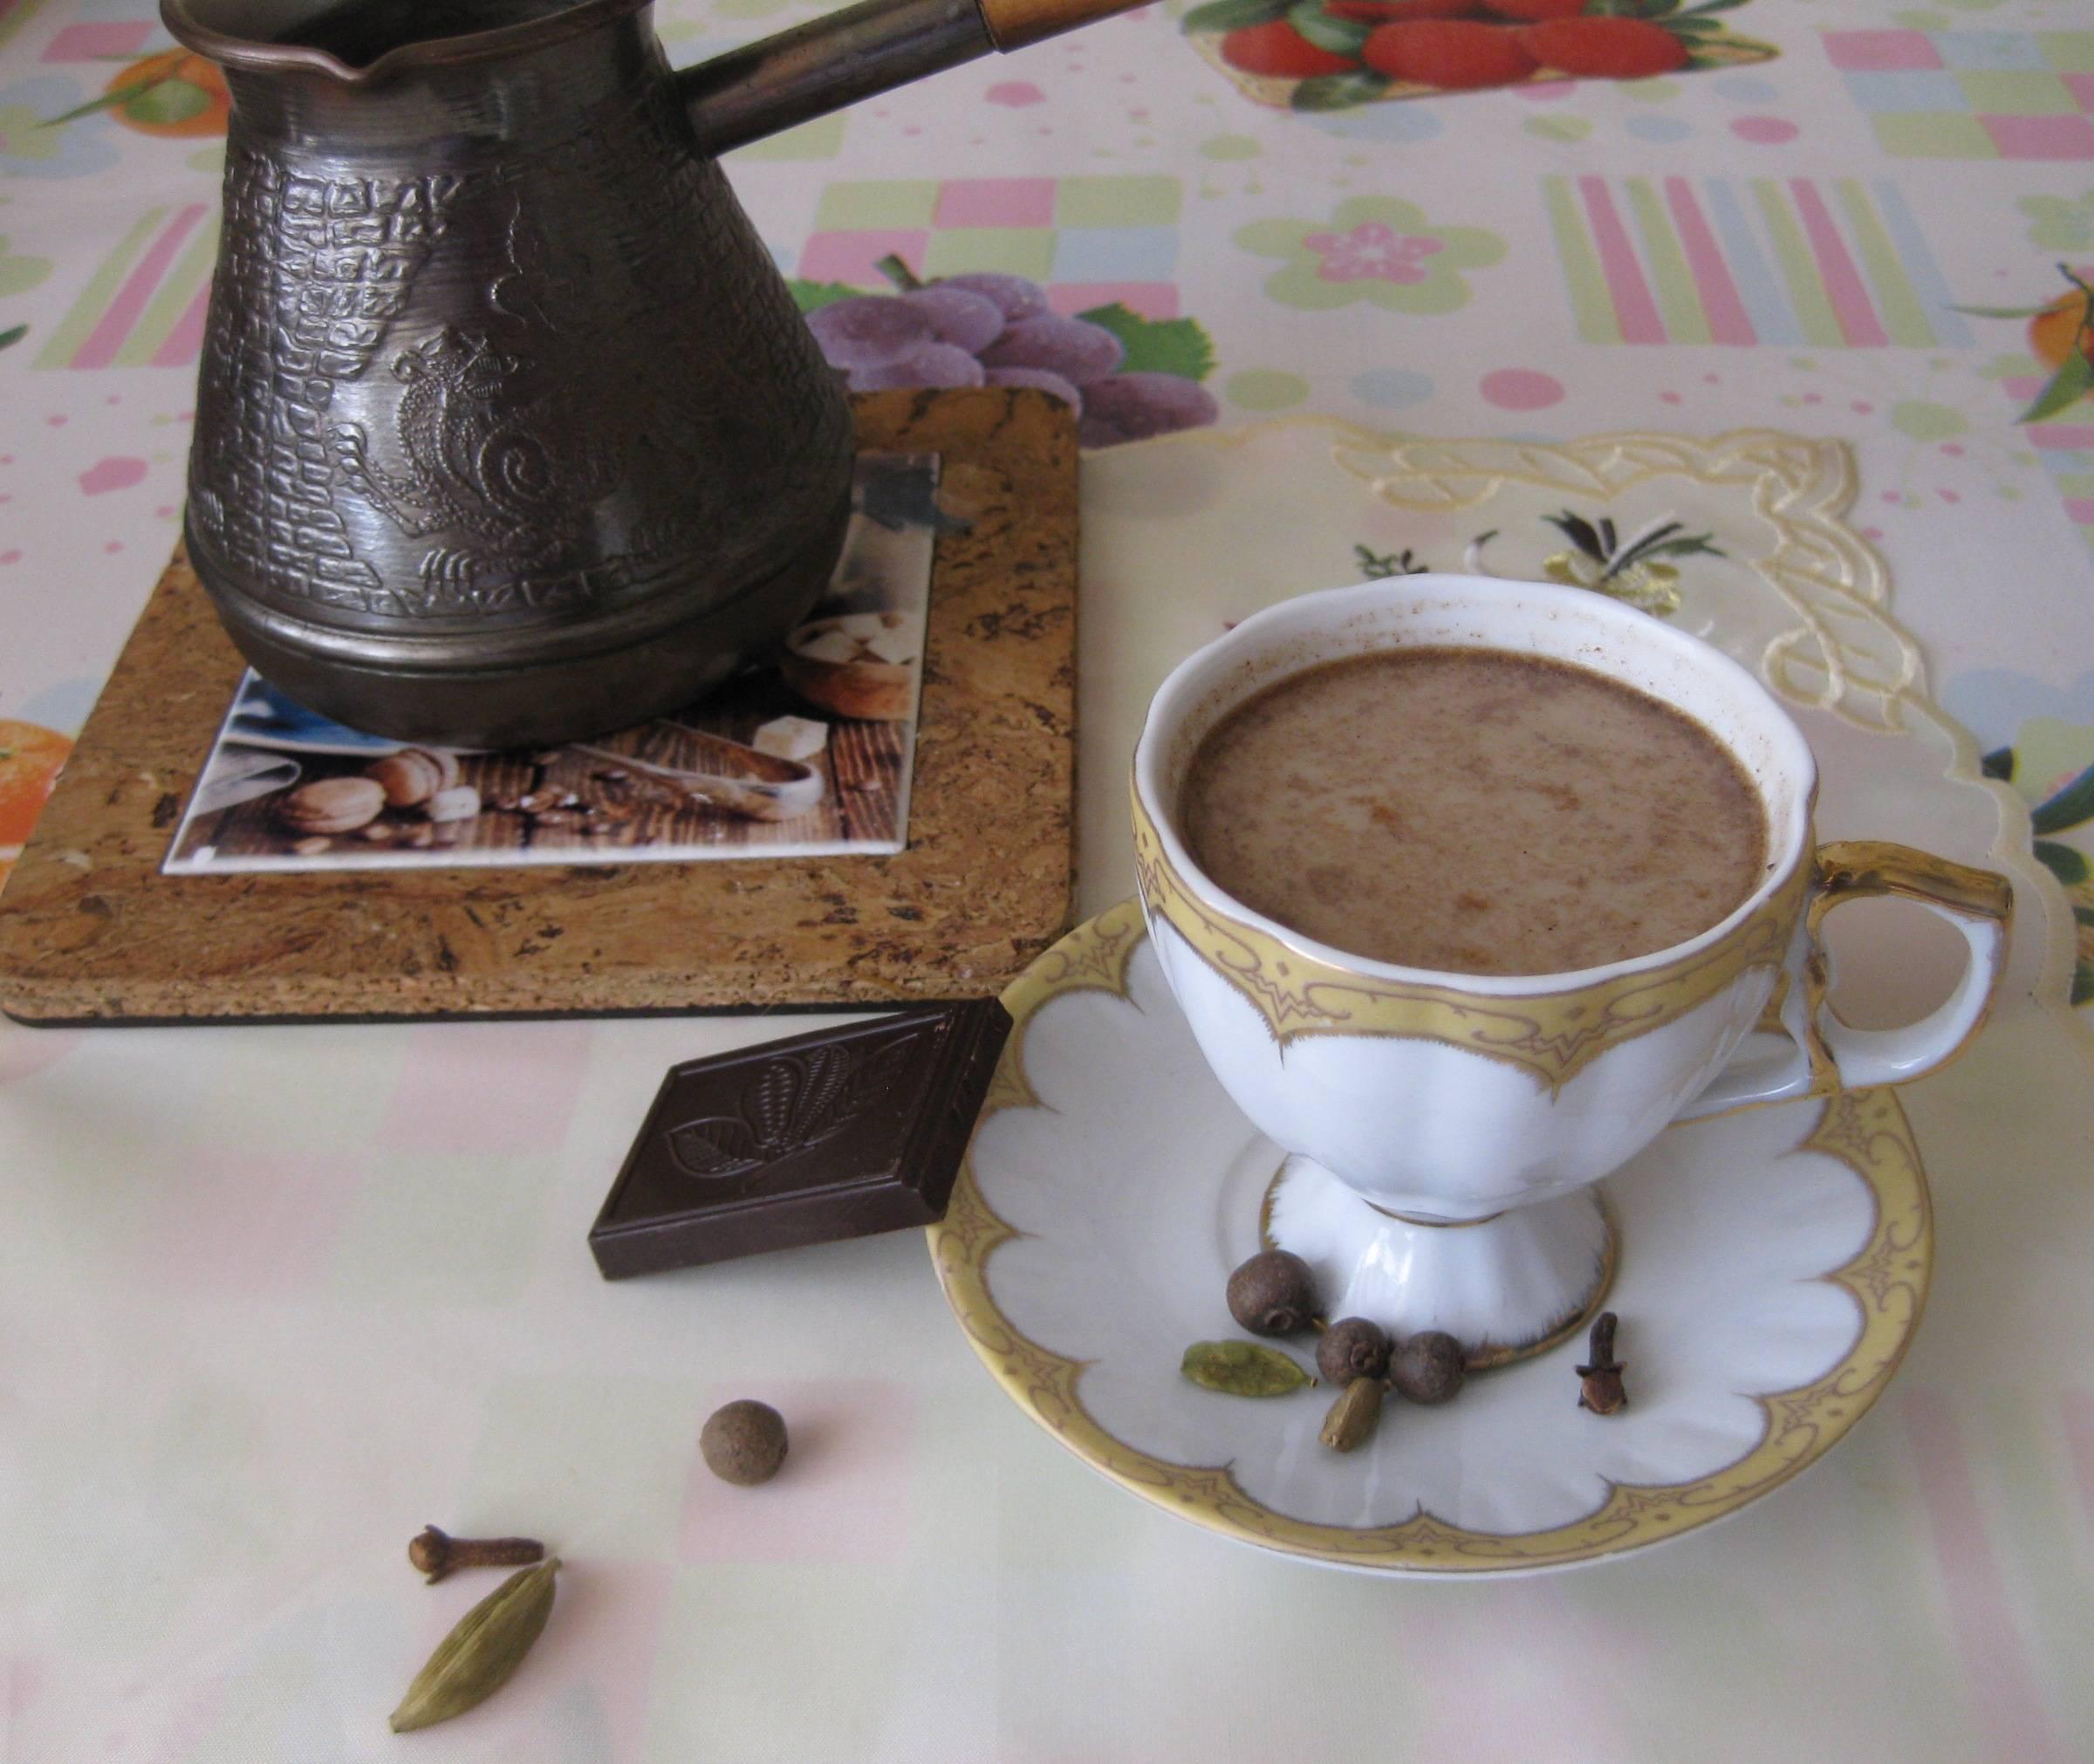 Кофе с кардамоном рецепт с фото от аллы борисовны: кофе для похудения с кардамоном.